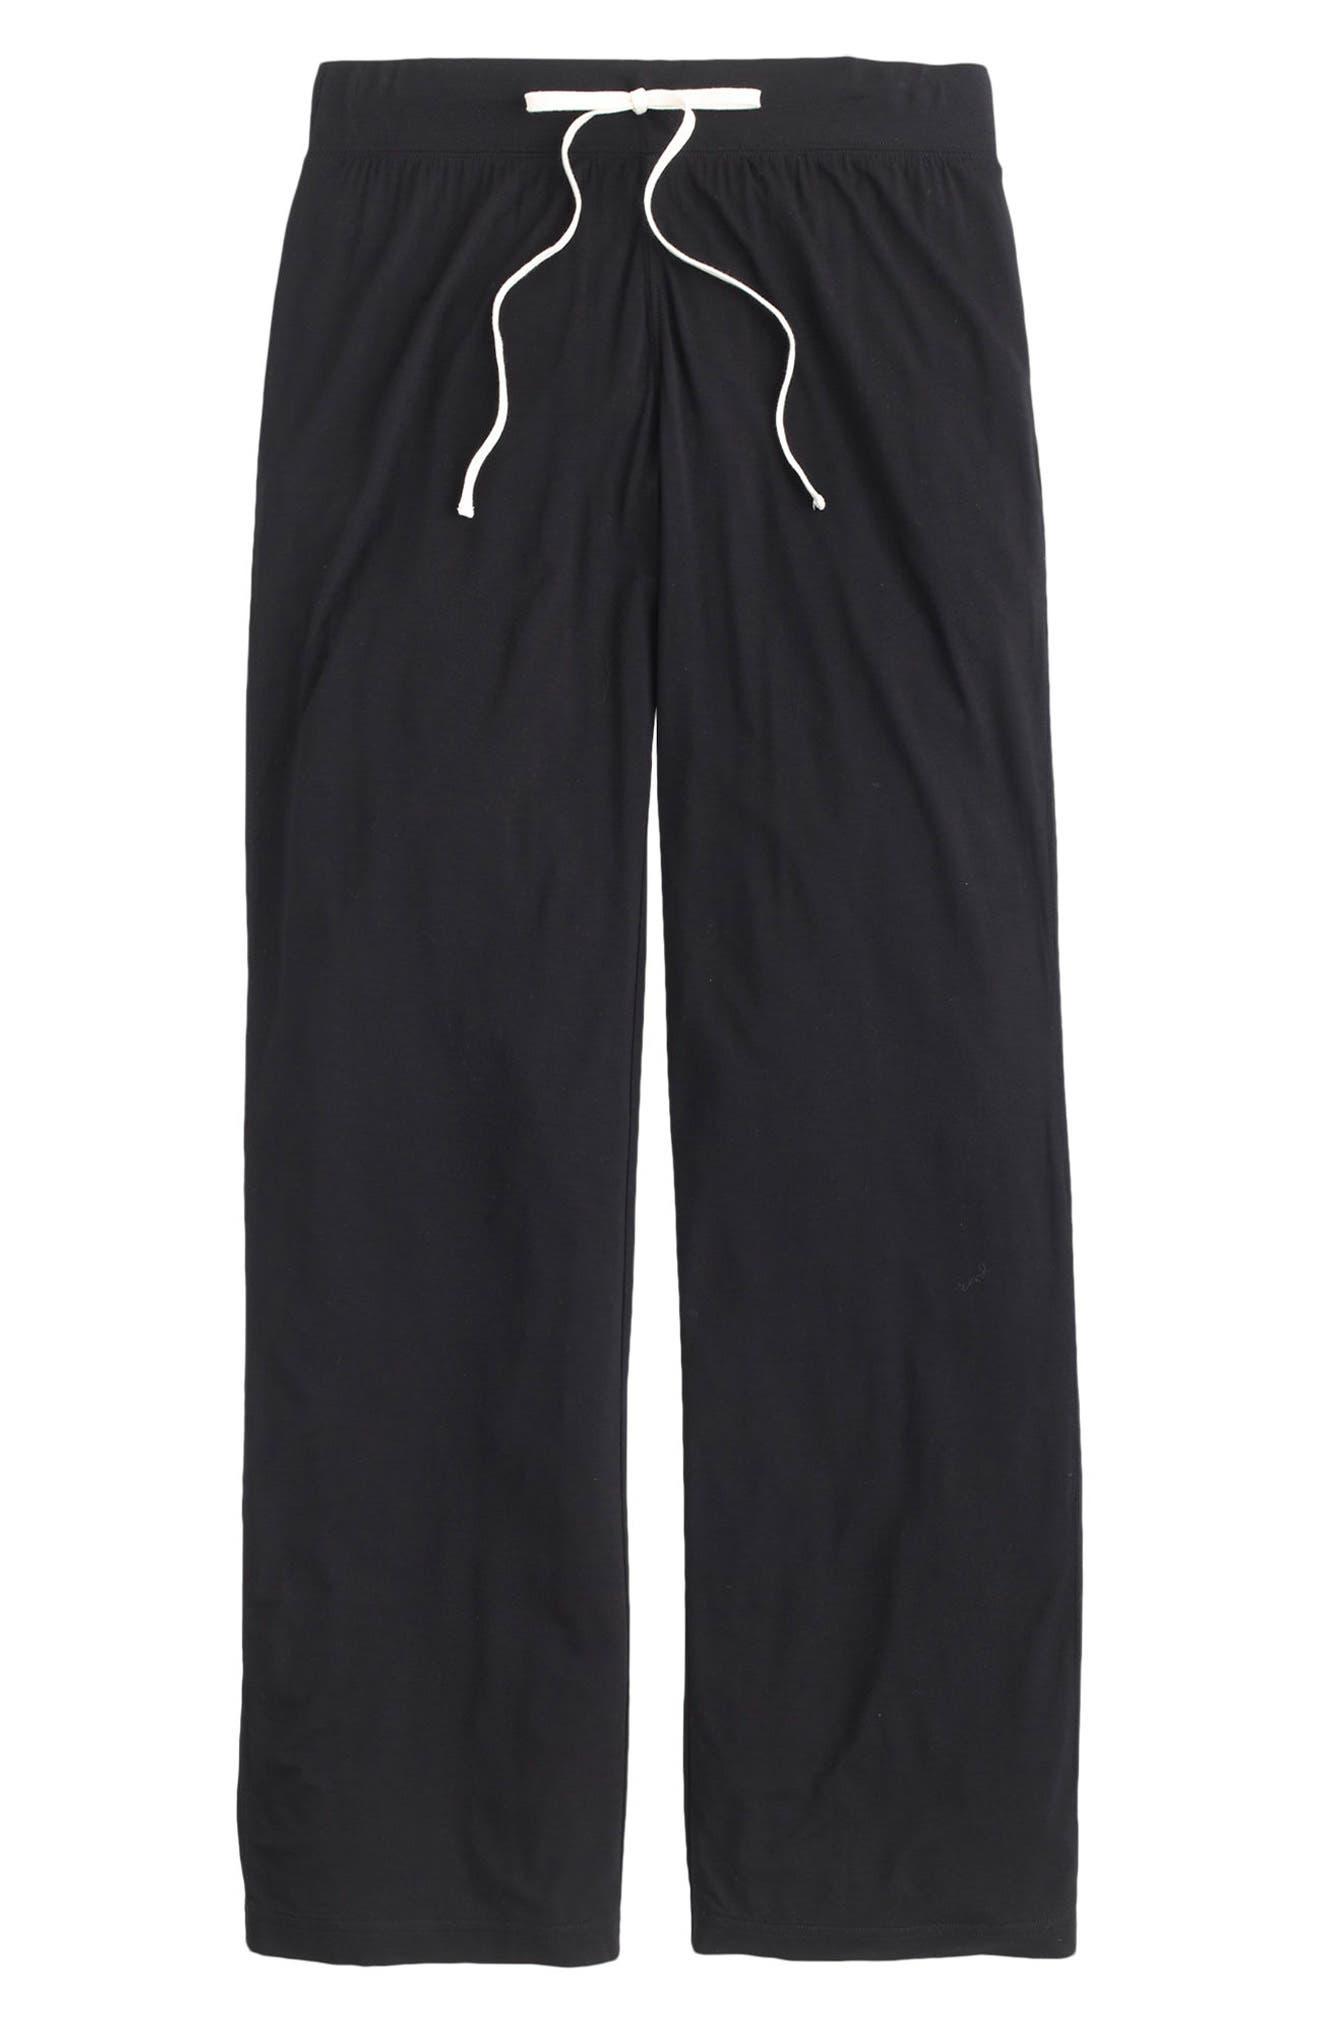 Dreamy Lounge Pants,                         Main,                         color,